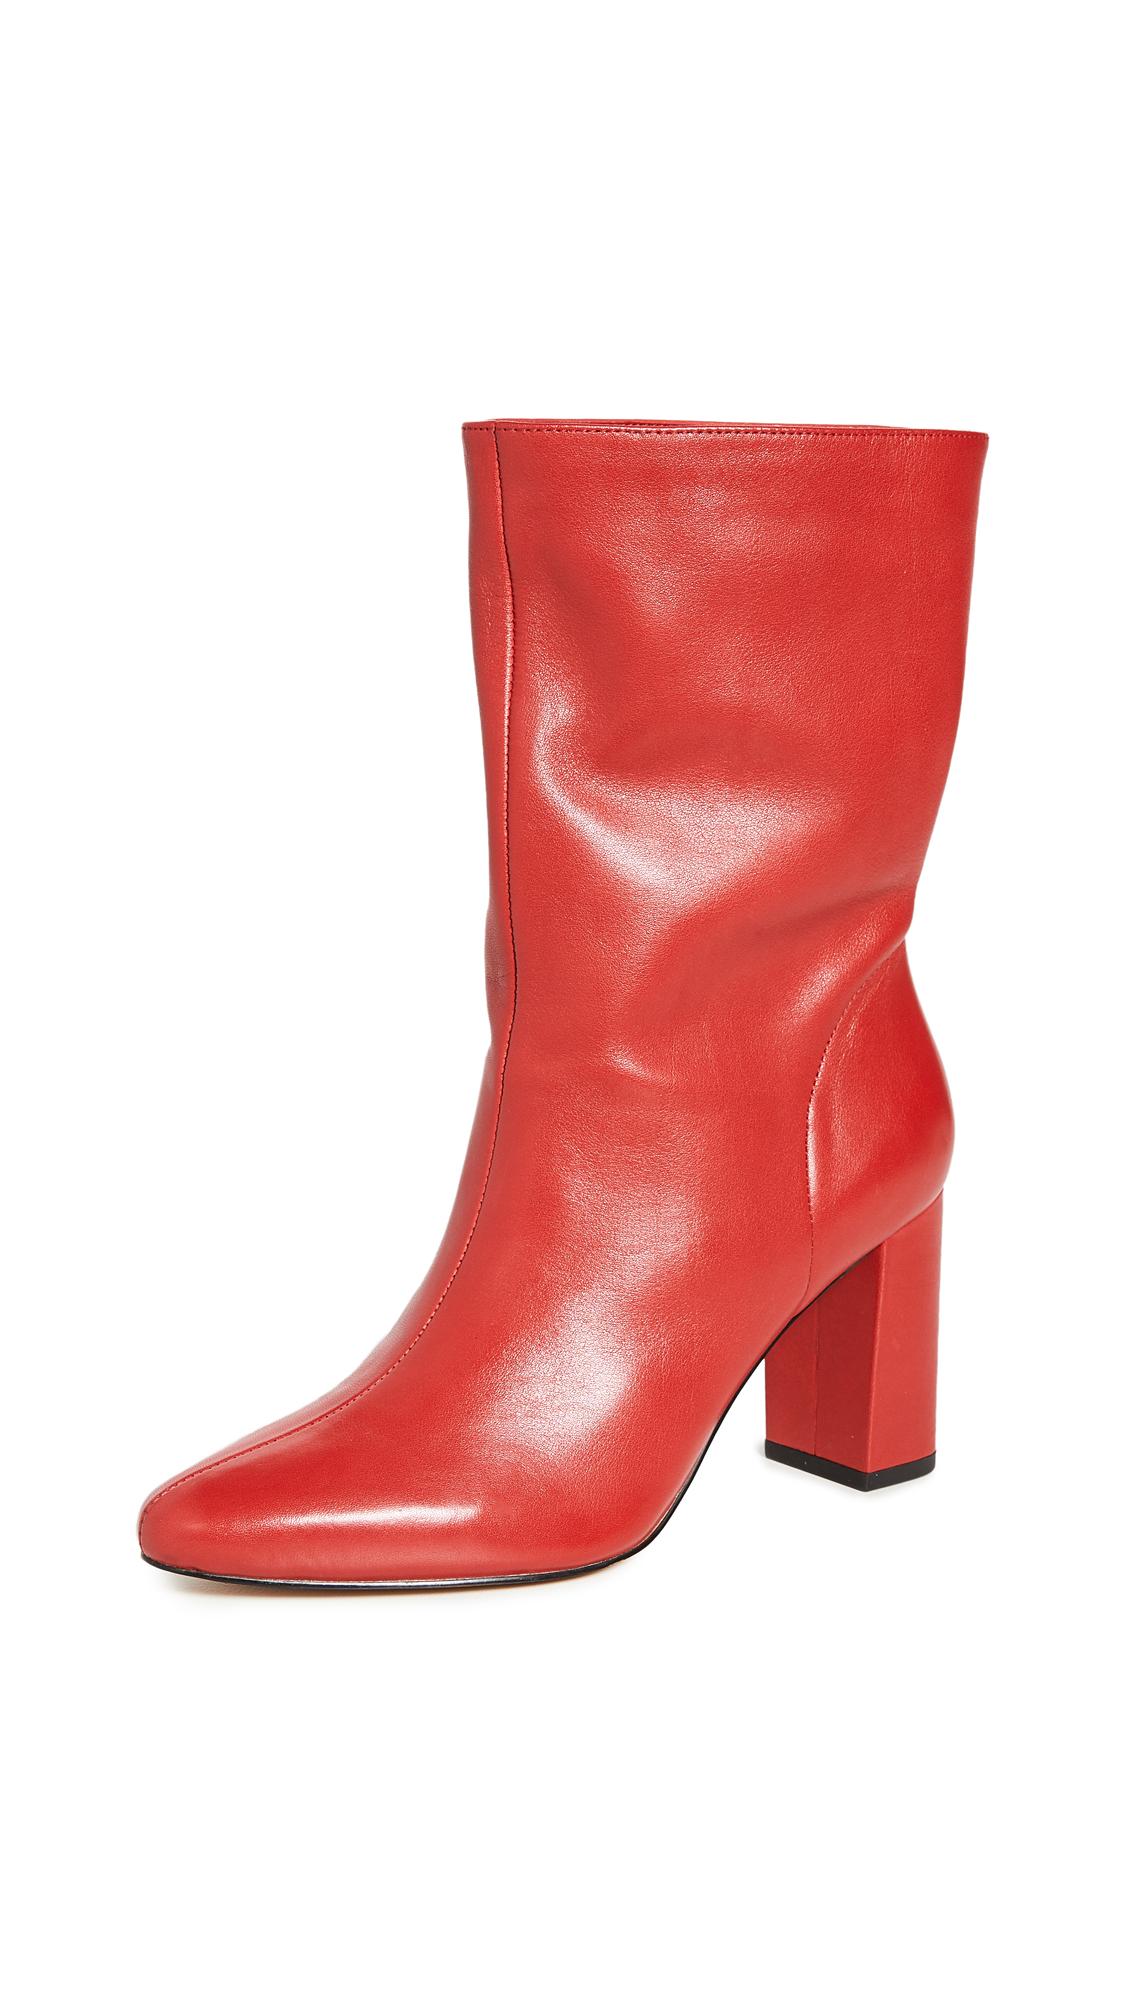 Buy Villa Rouge Loden Boots online, shop Villa Rouge